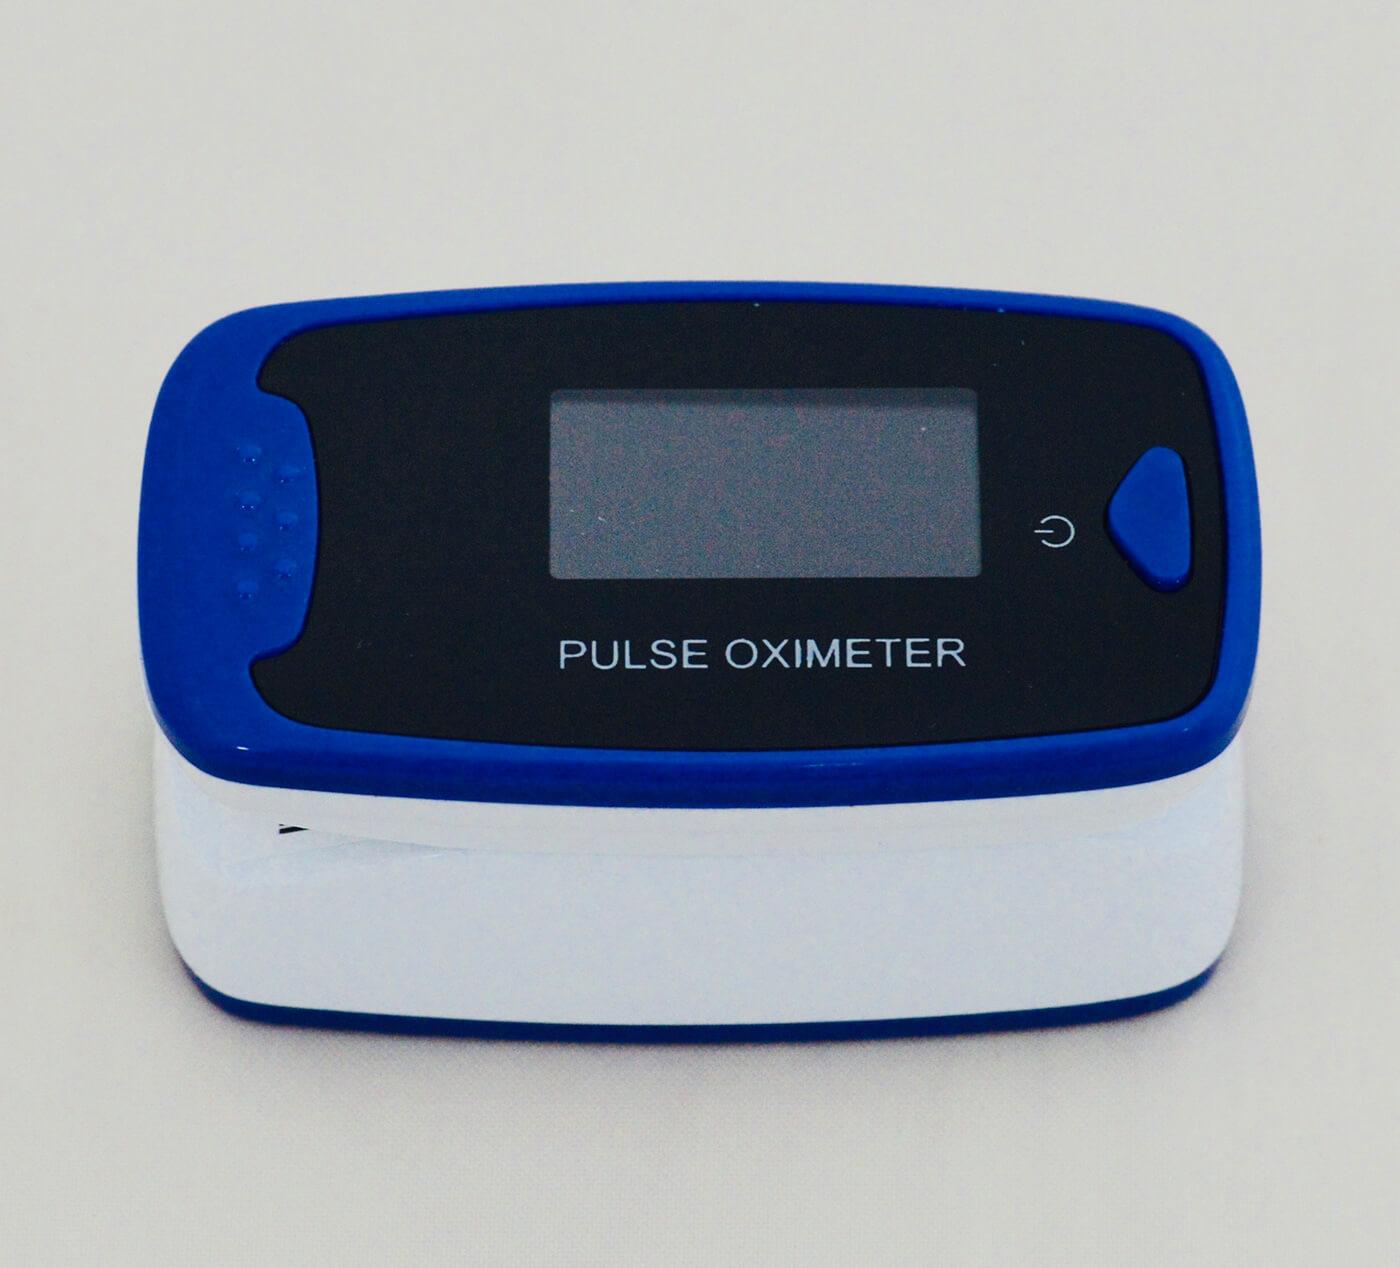 Pulzný oximeter Contec na meranie hladiny kyslíka v organizme